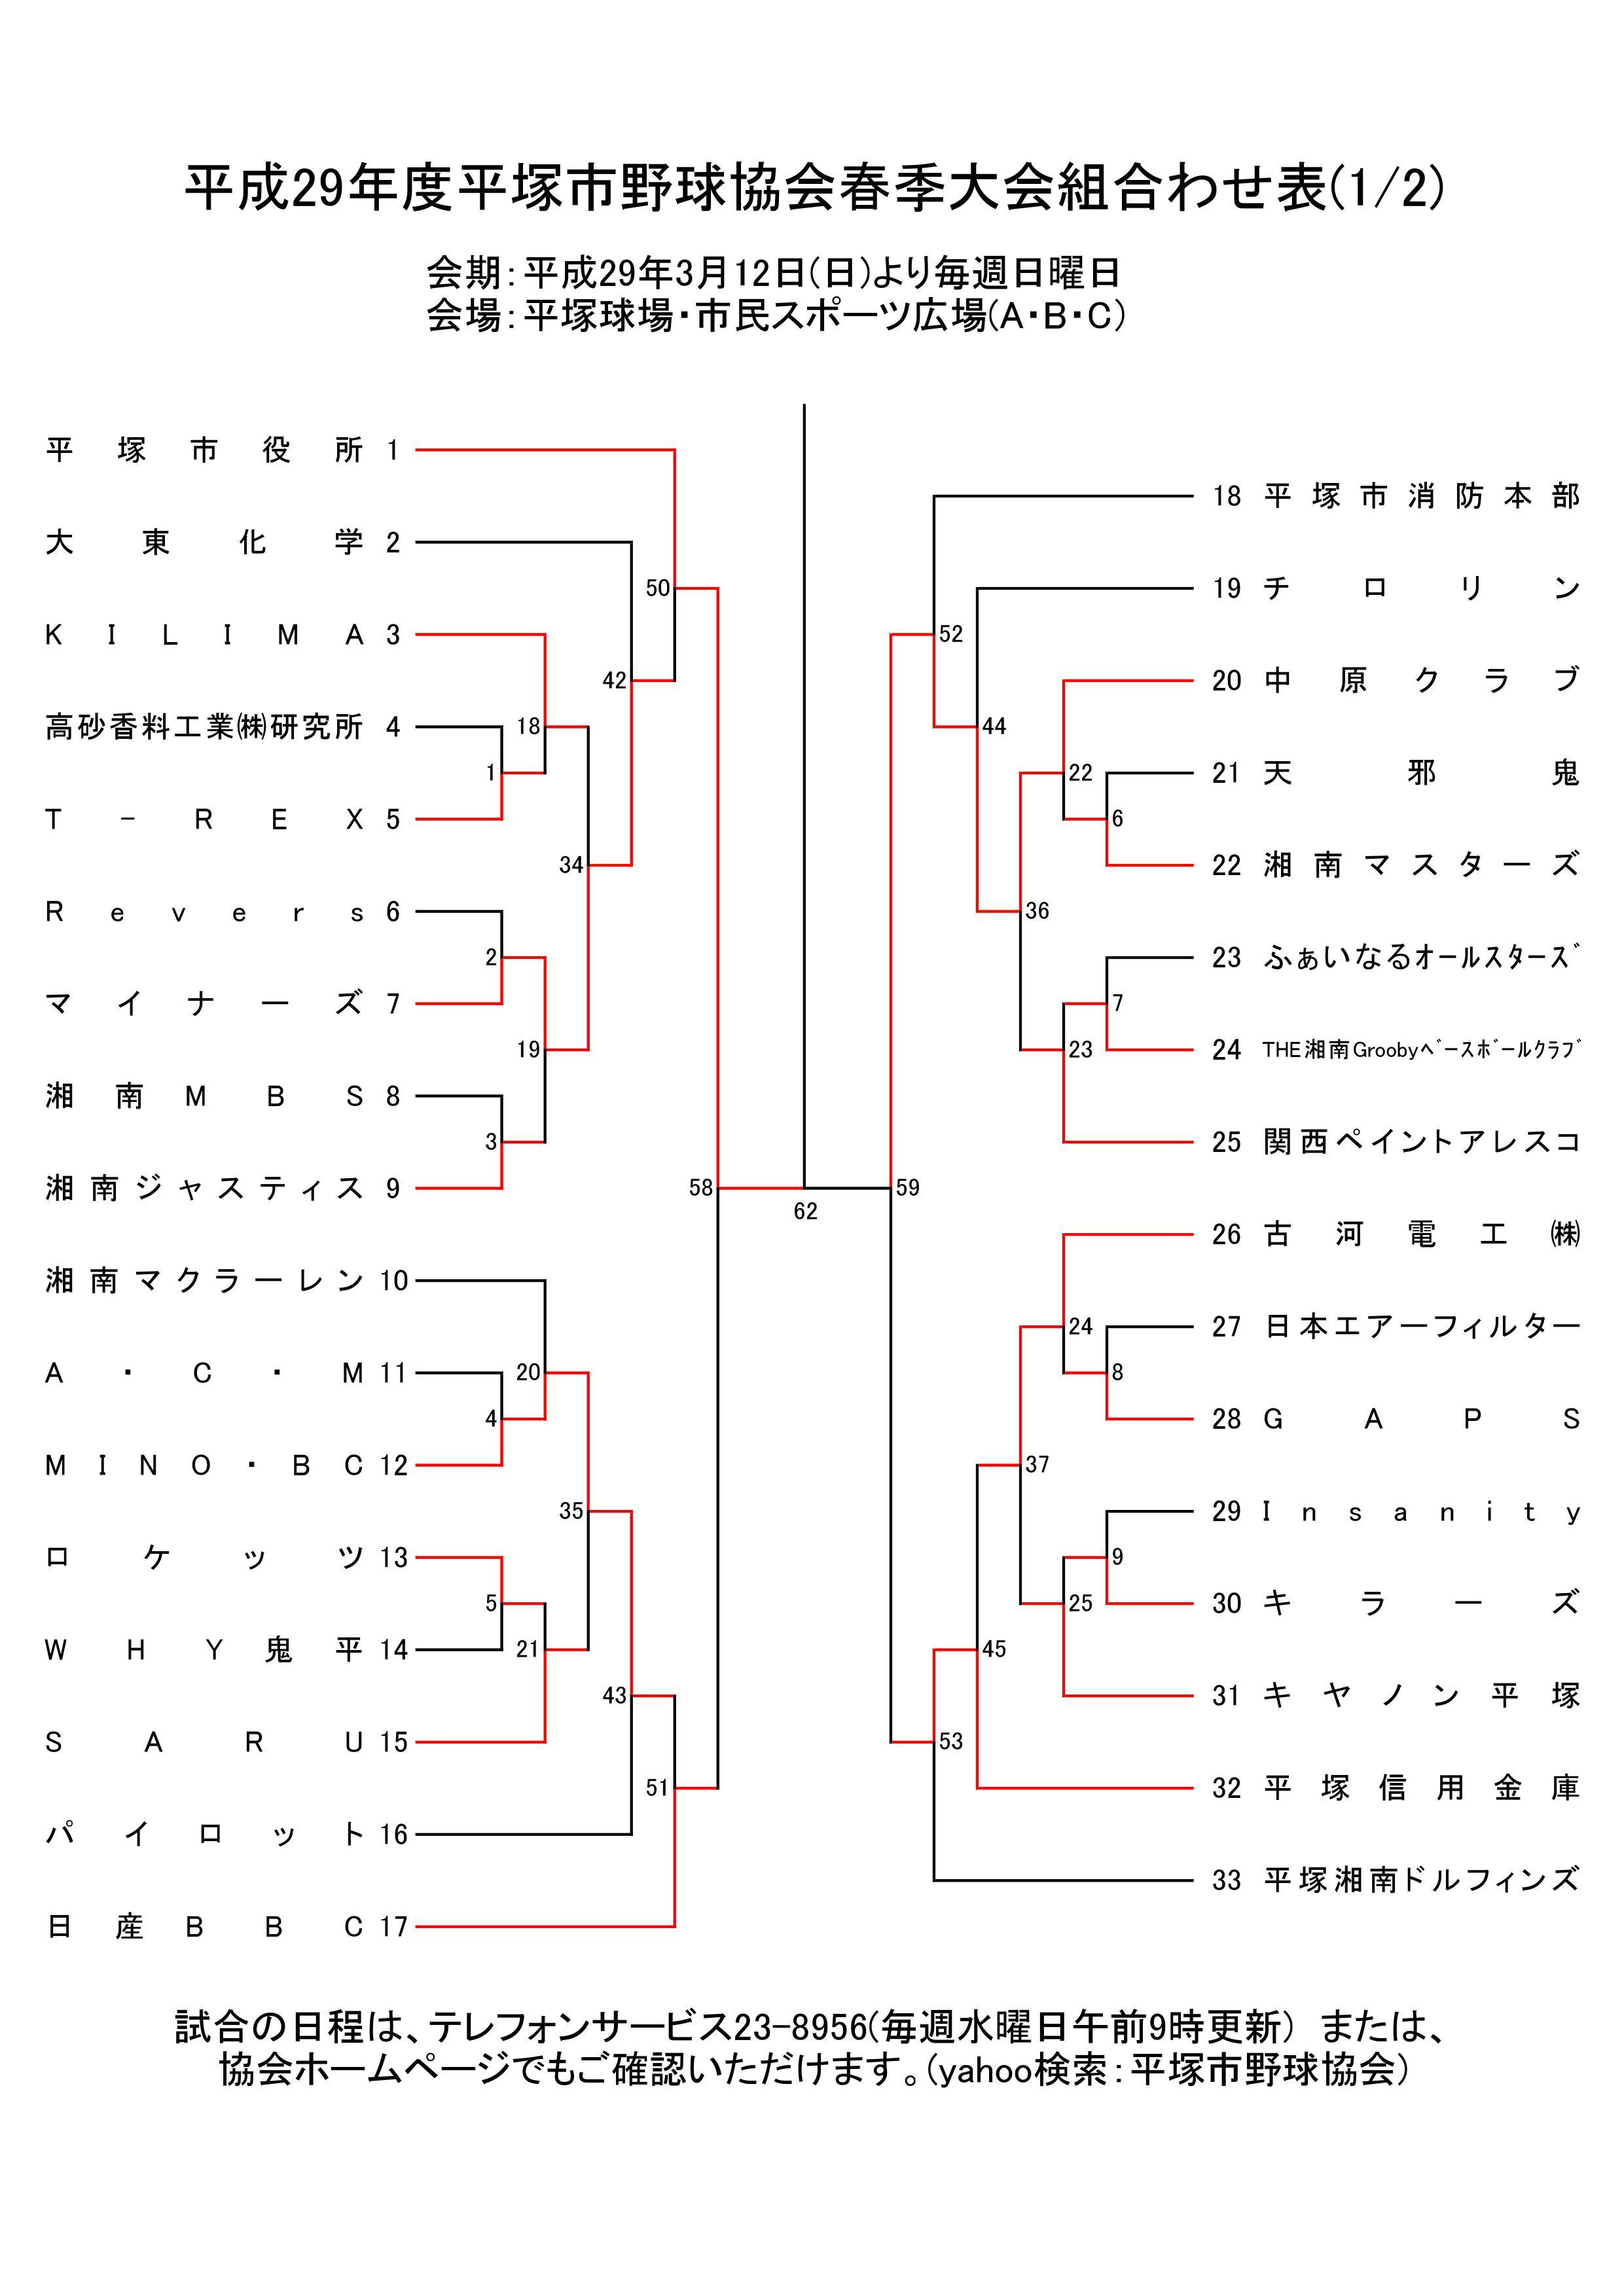 平成29年度春季大会トーナメント表1/2